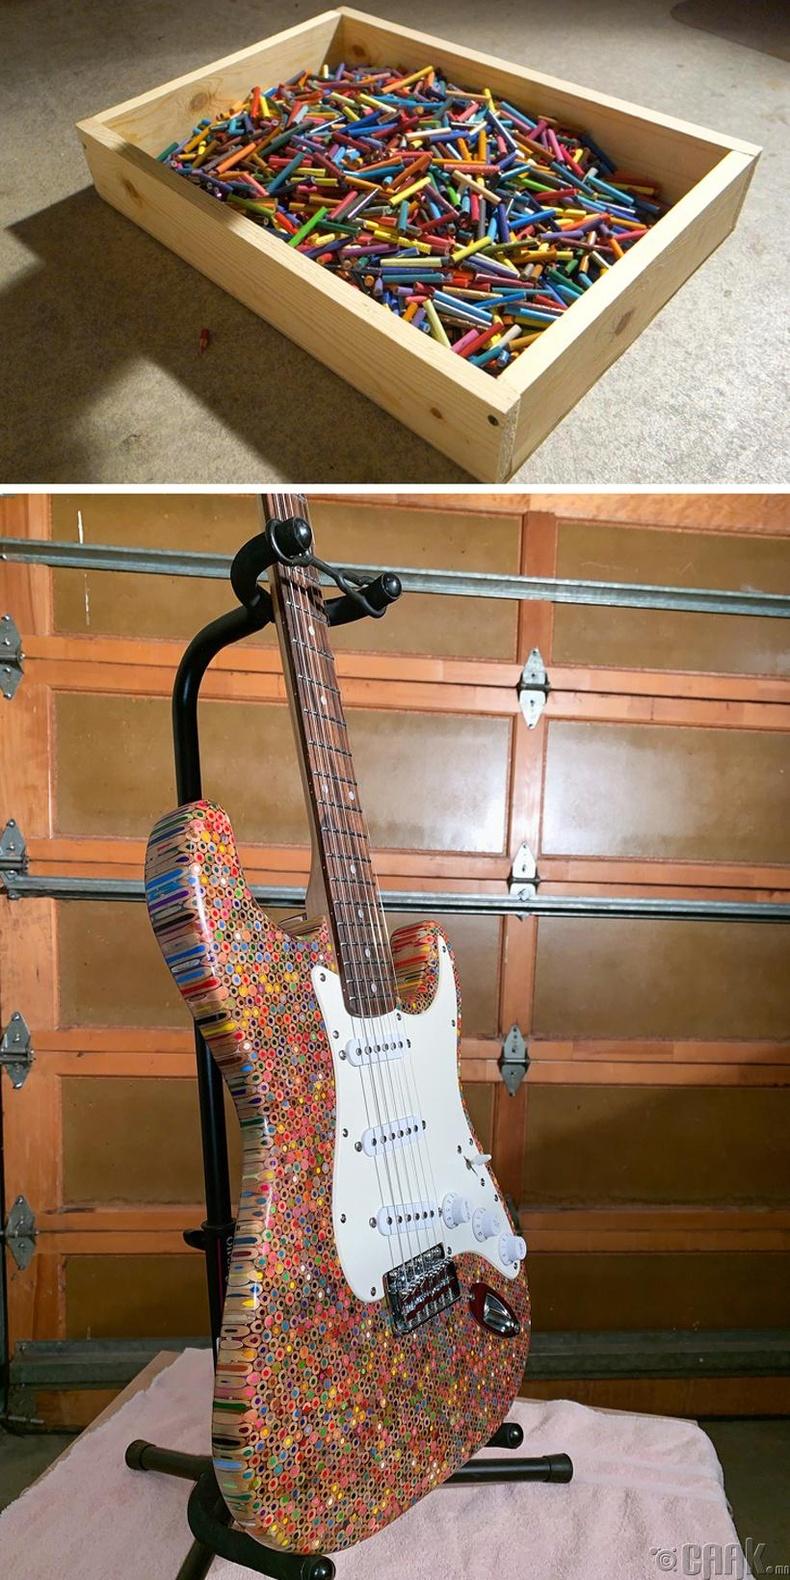 1200 гаруй ширхэг өнгийн харандааг ашиглан цахилгаан гитар бүтээжээ